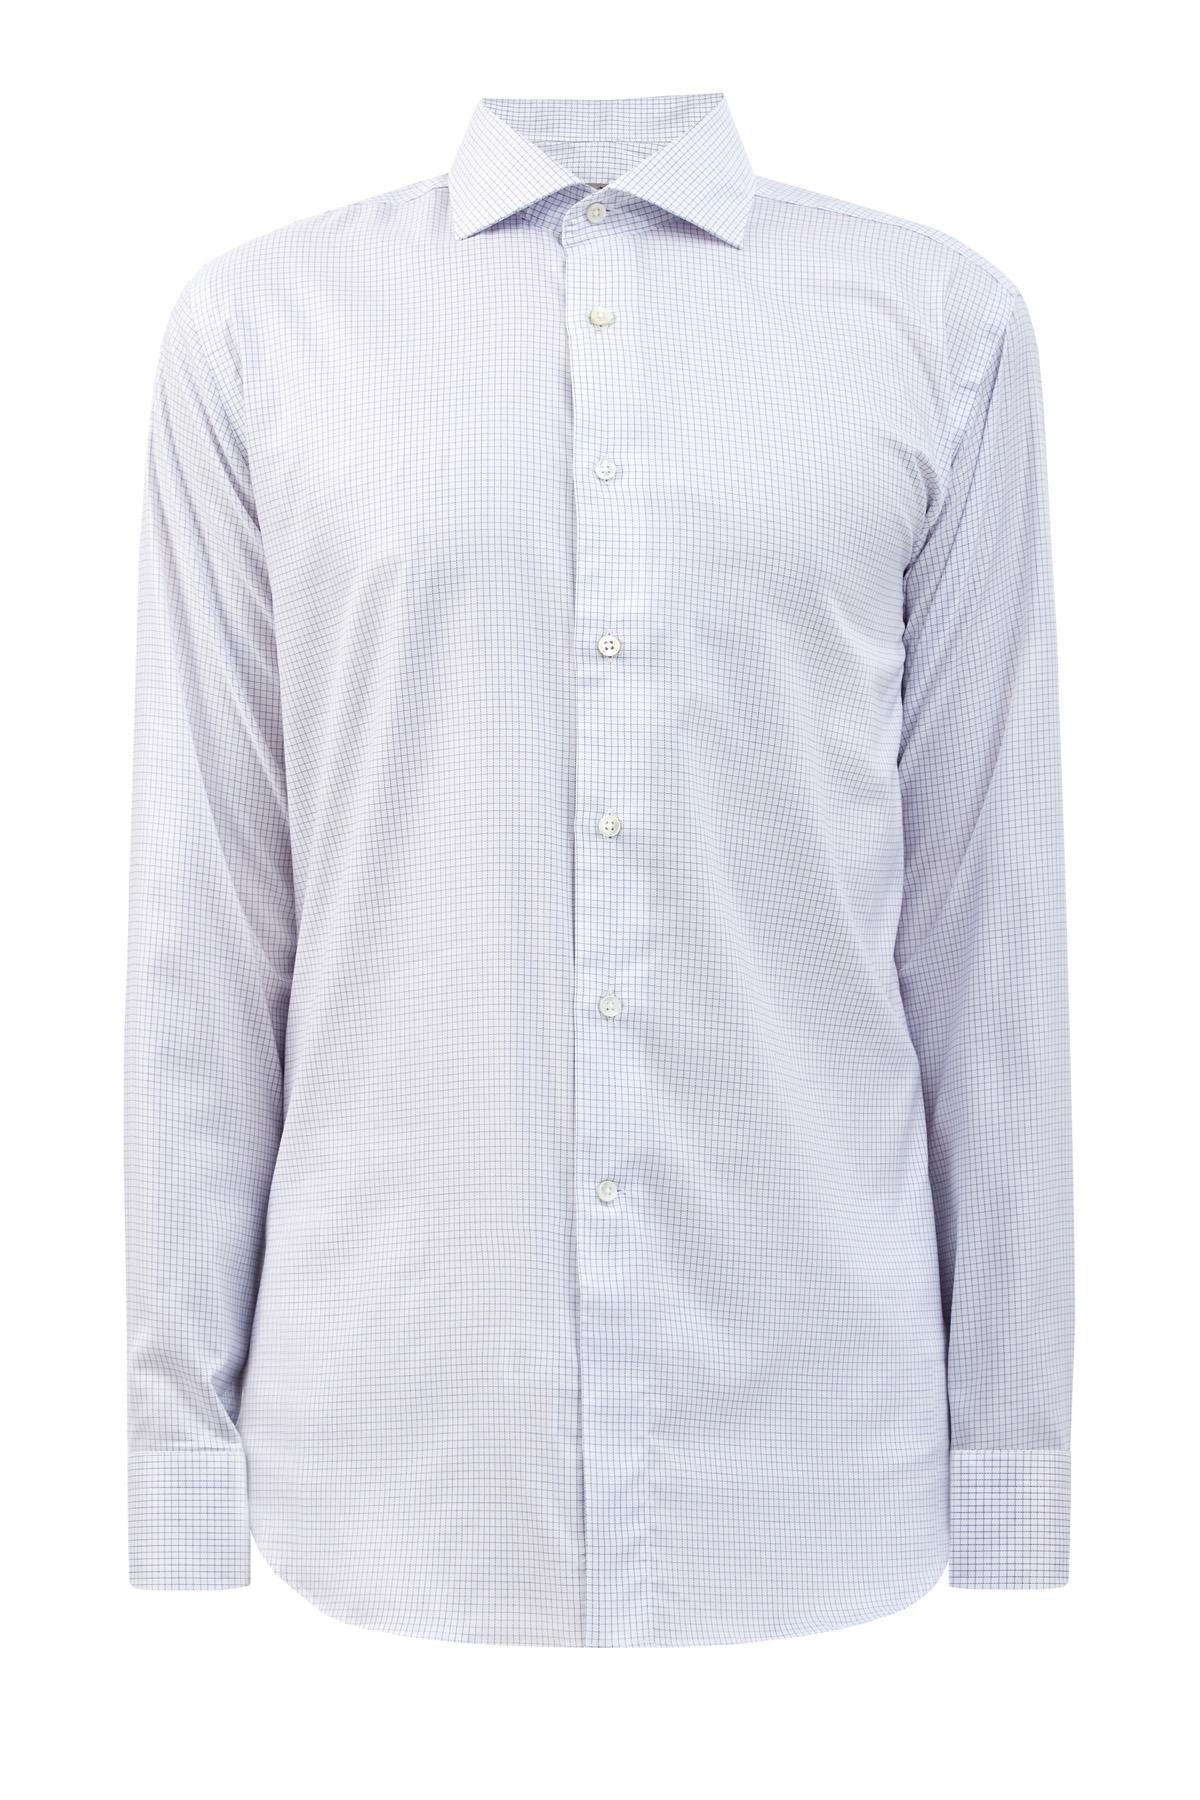 Рубашка из хлопковой саржи Impeccabile с принтом в клетку